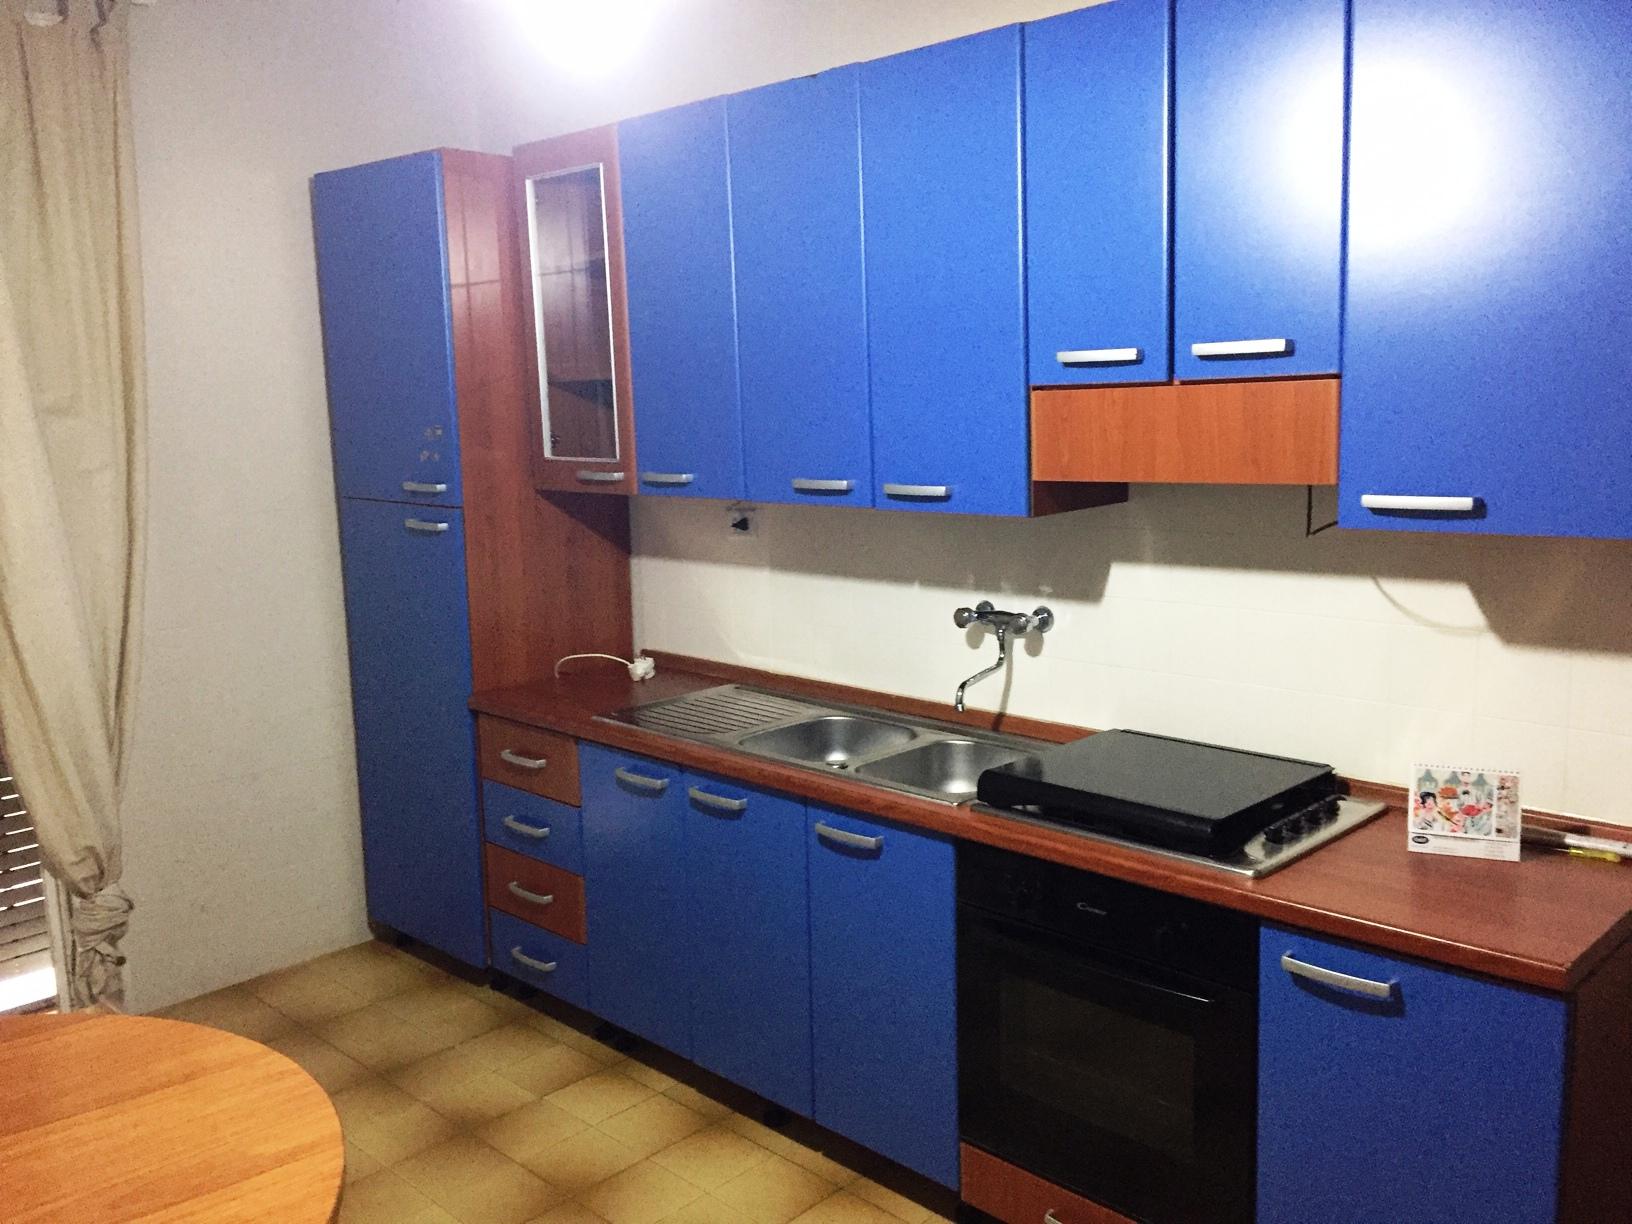 Appartamento in affitto a Siracusa, 3 locali, zona Località: Panagia, prezzo € 90.000 | Cambio Casa.it